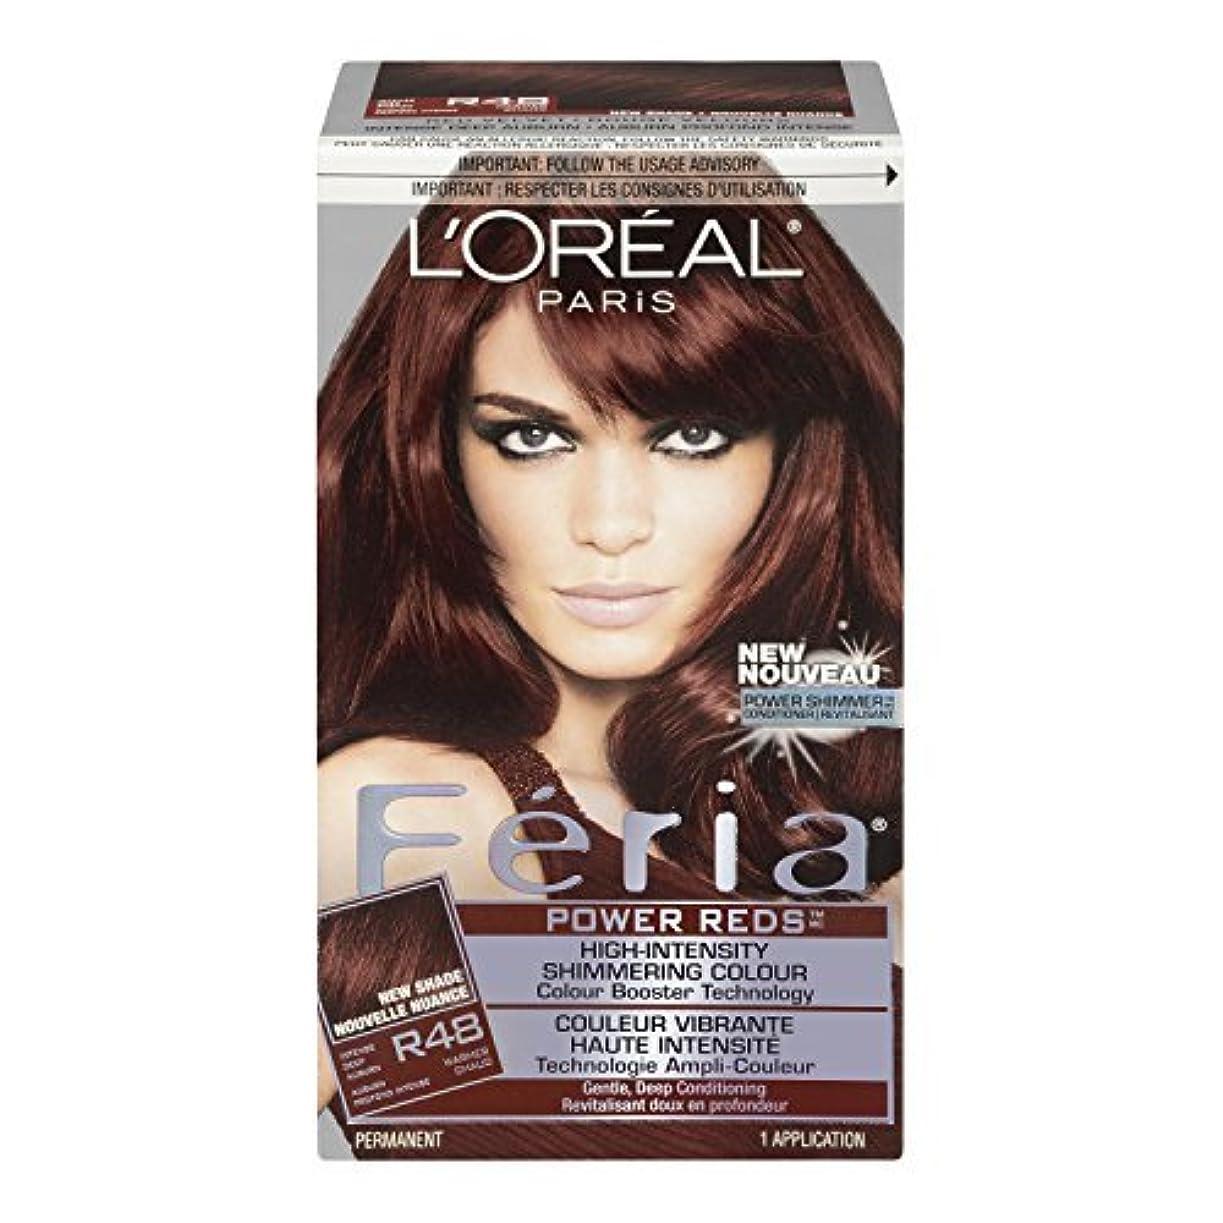 かわすトランスミッション囚人L'Oreal Feria Power Reds Hair Color, R48 Intense Deep Auburn/Red Velvet by L'Oreal Paris Hair Color [並行輸入品]